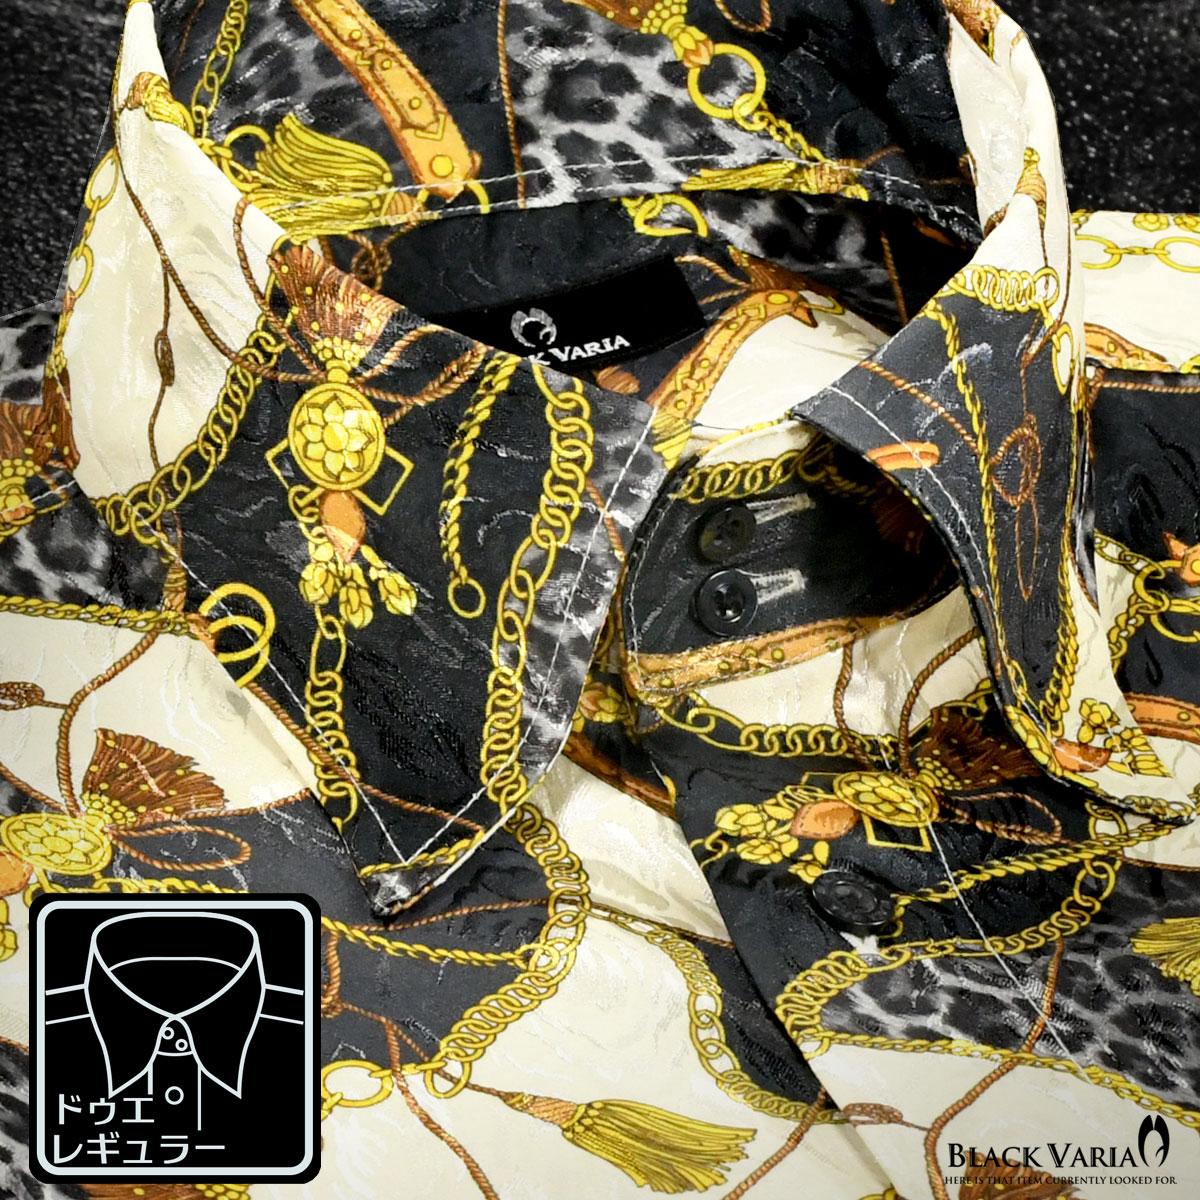 サテンシャツ ドレスシャツ メンズ ドゥエボットーニ チェーン柄 豹柄 レギュラーカラー ジャガード 日本製 パーティー(ゴールド金ブラック黒)